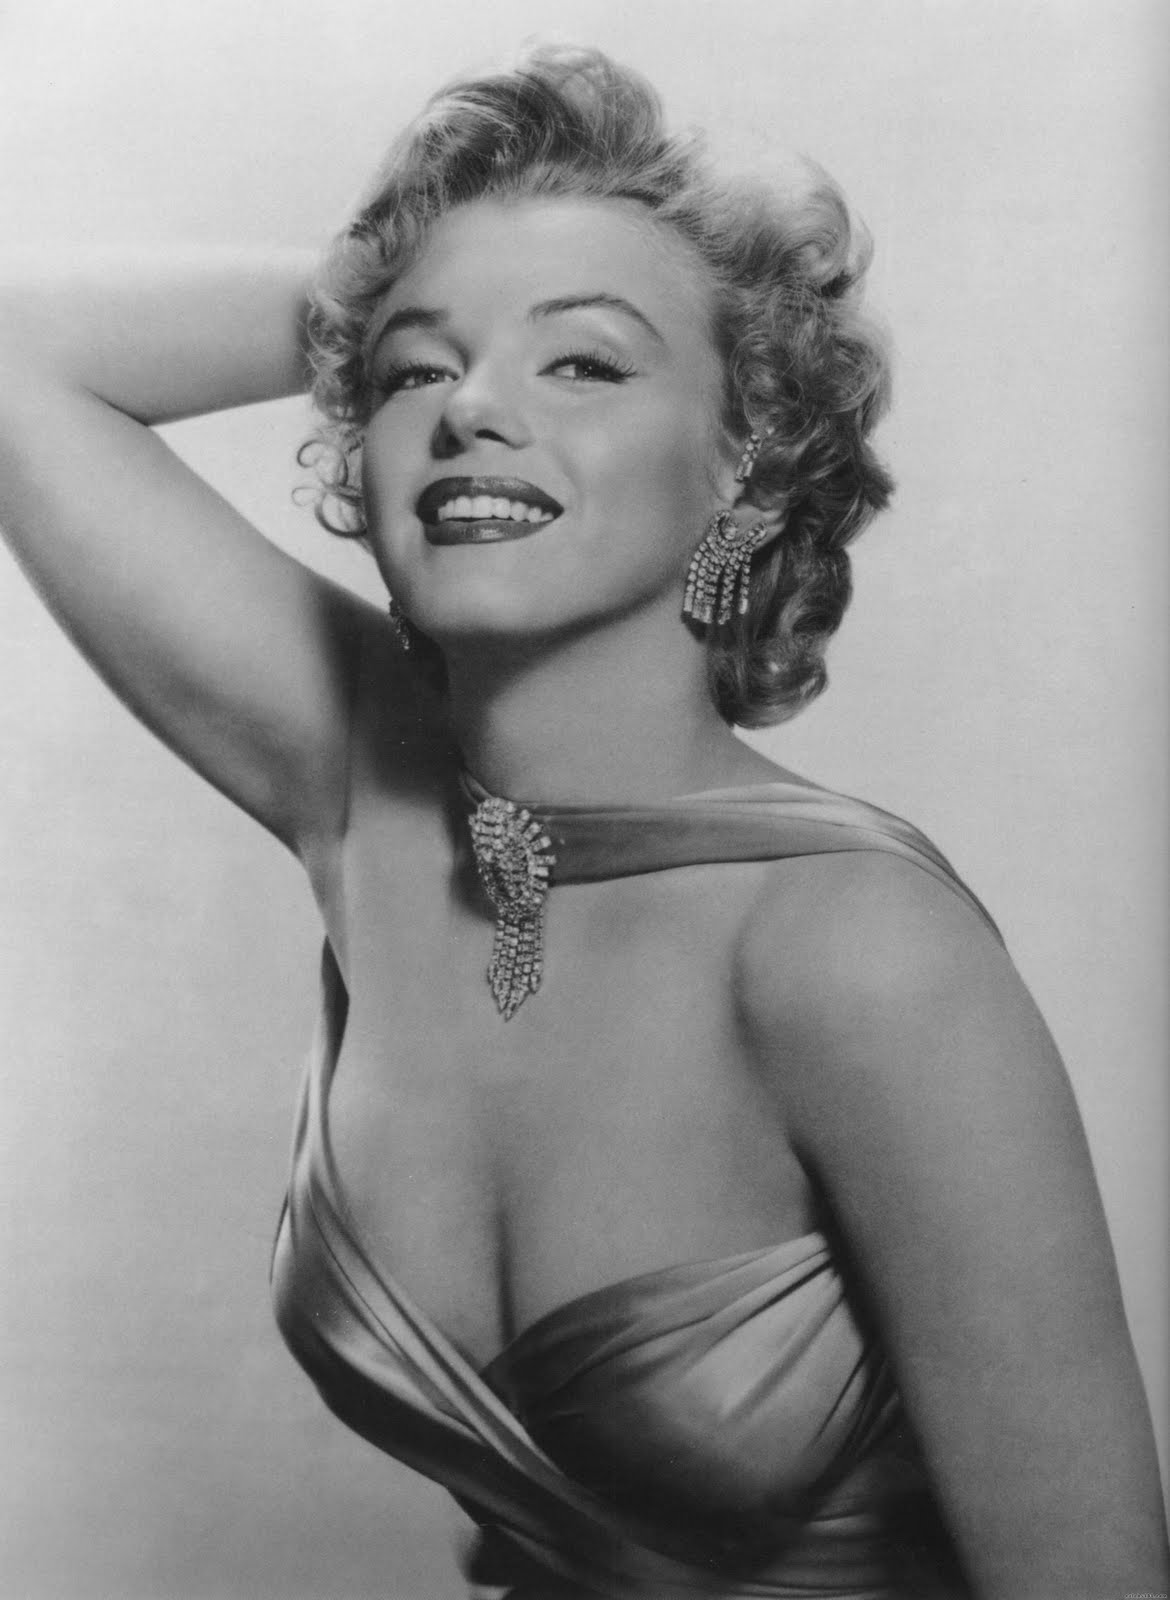 http://1.bp.blogspot.com/-KUXX4Tec8dE/TfJ5Lyqmo-I/AAAAAAAAFrA/pamnB6SqAm0/s1600/Marilyn+Monroe+40.jpg